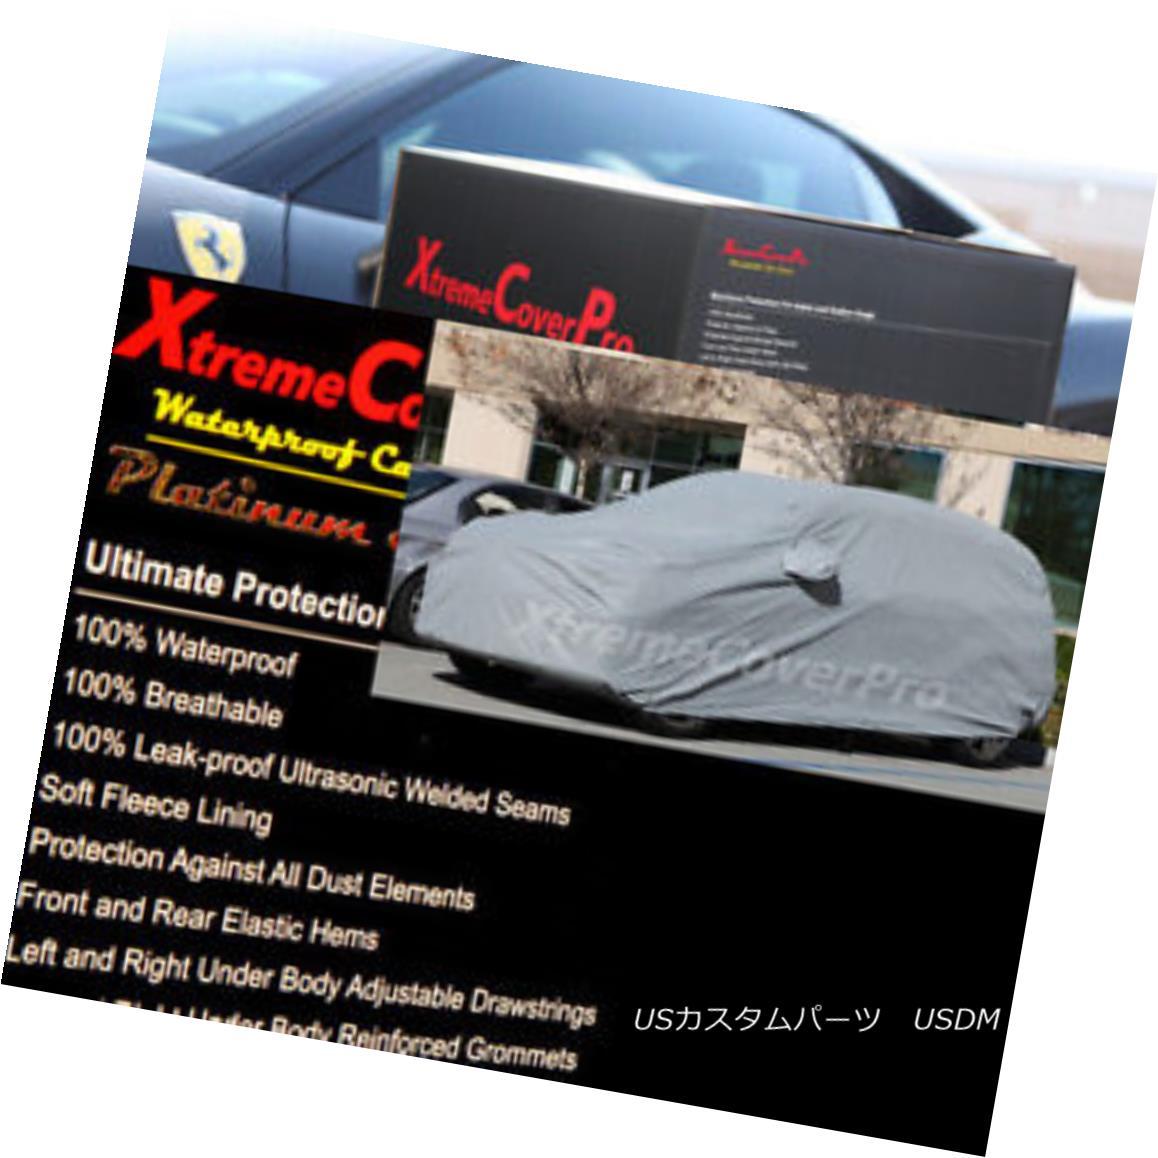 カーカバー 2013 Land Rover LR2 Waterproof Car Cover w/MirrorPocket MirrorPocketを備えた2013年のランドローバーLR2防水カーカバー